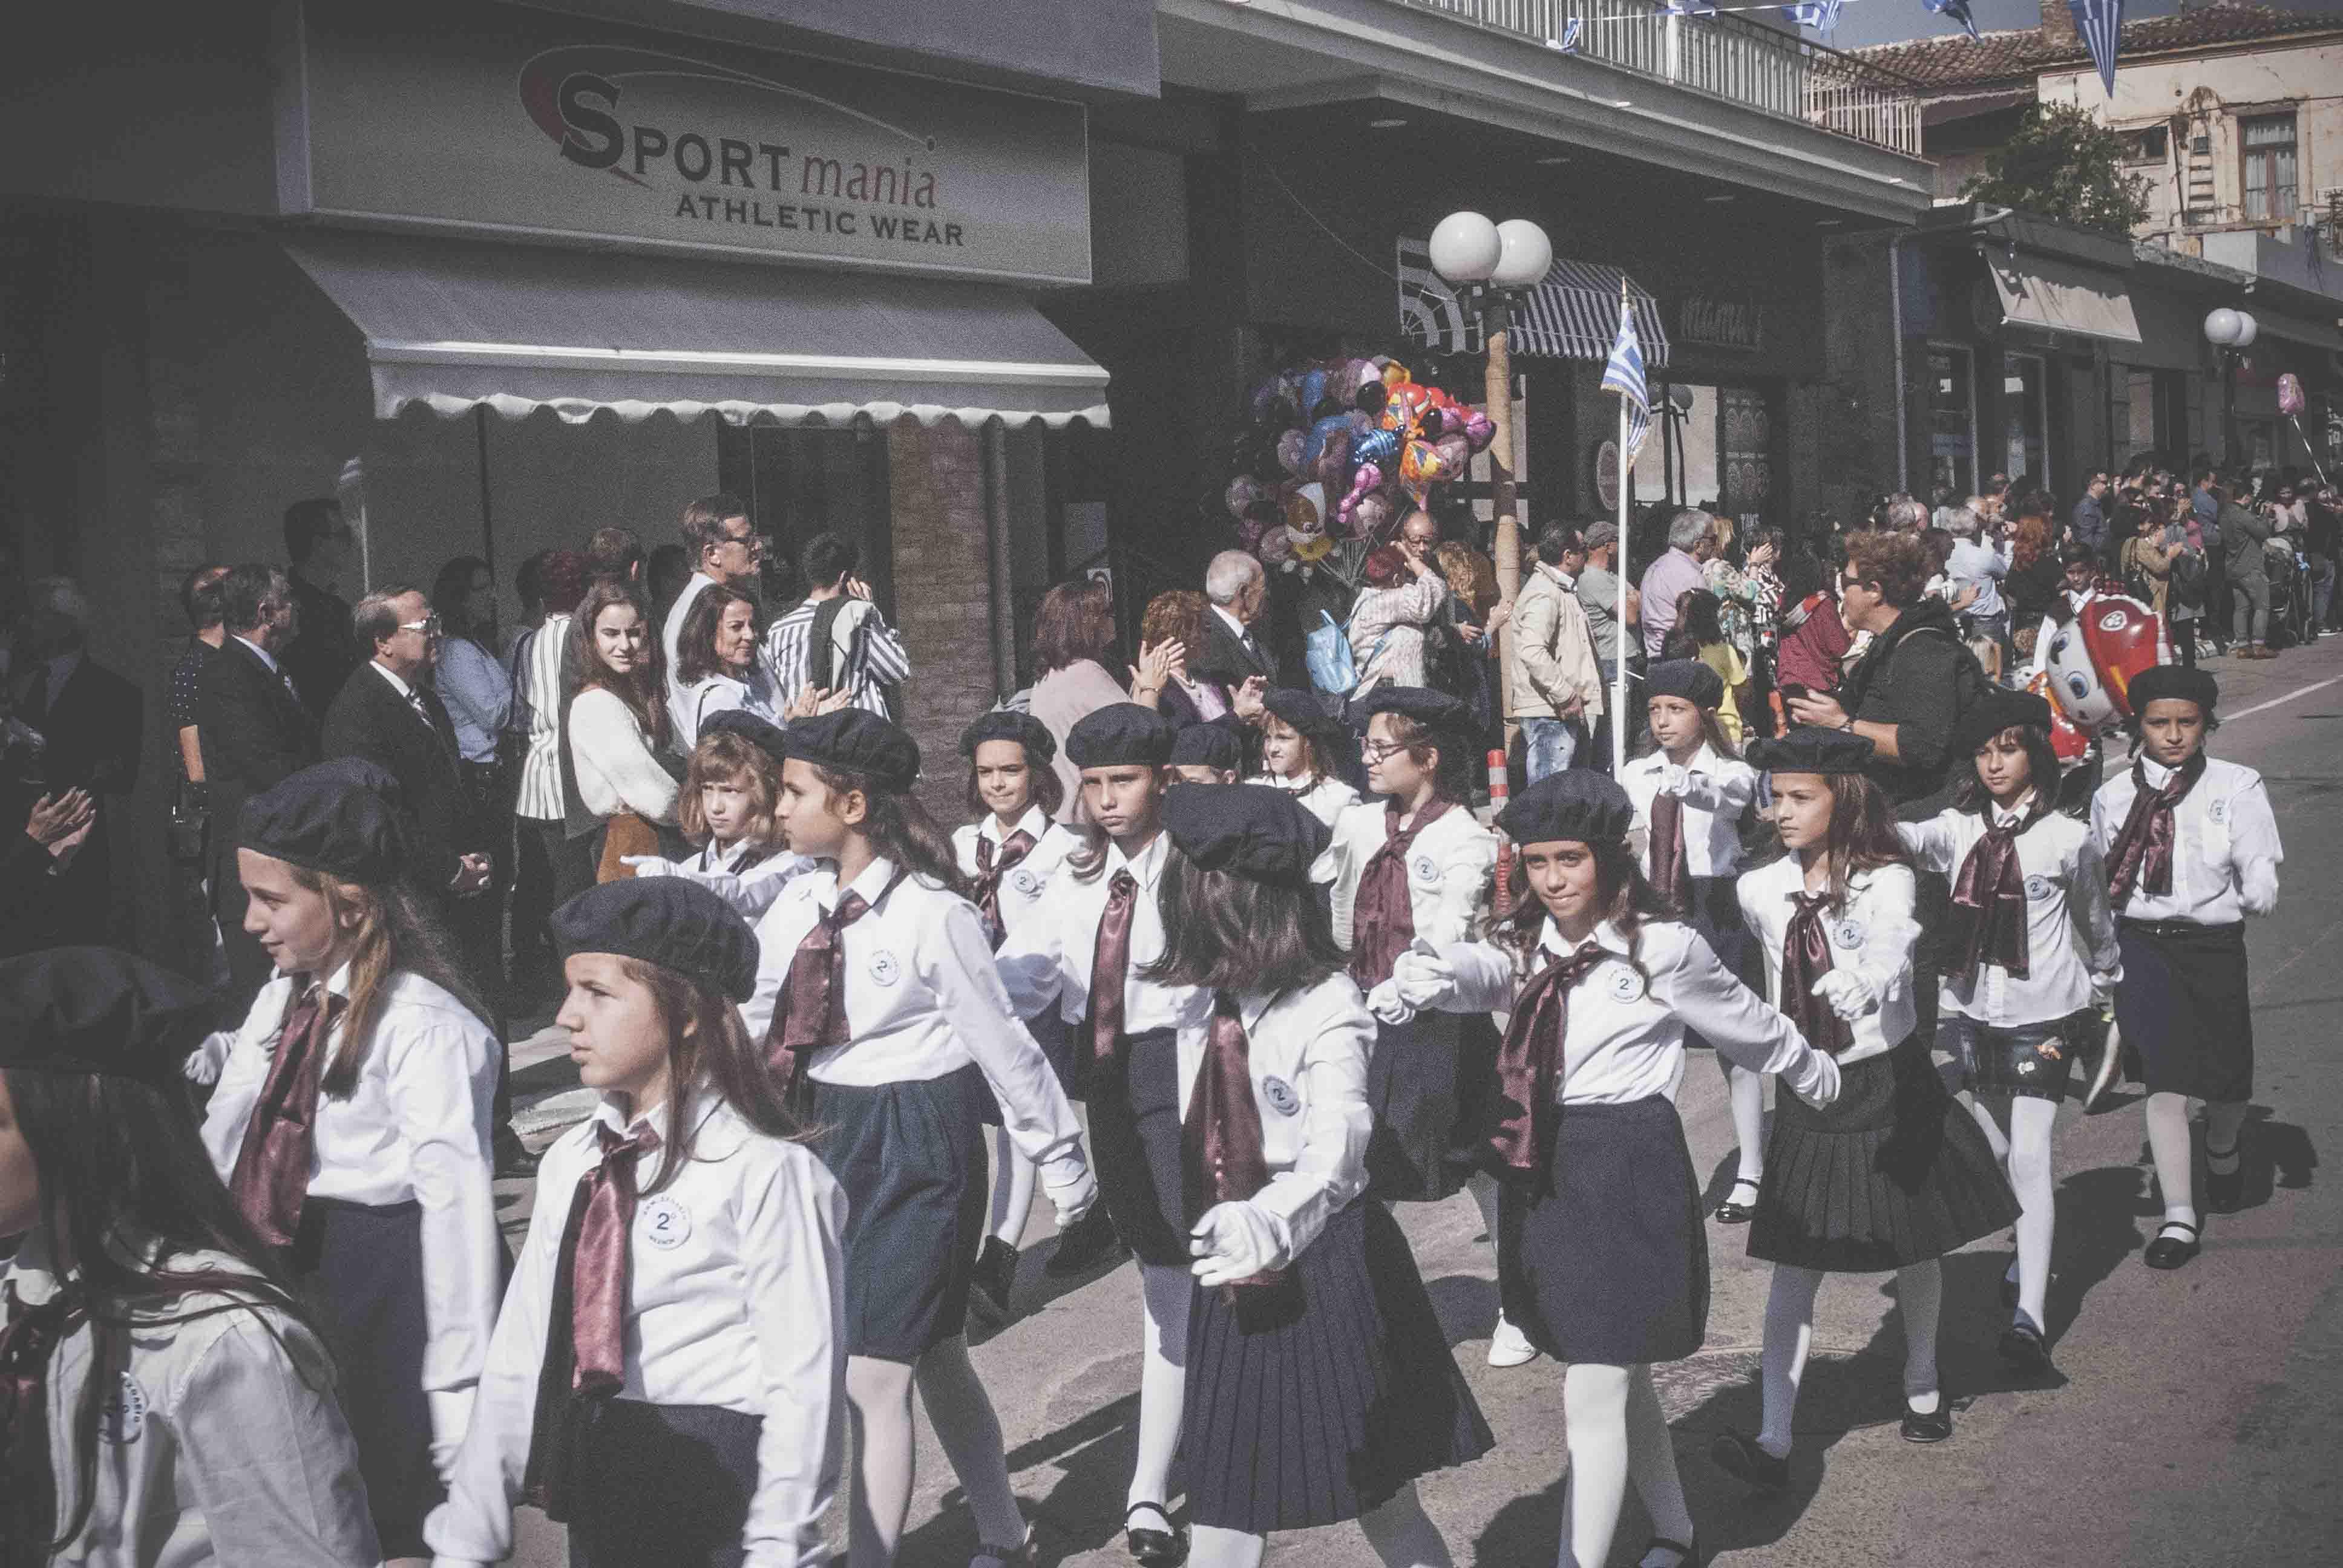 Φωτογραφικό υλικό από την παρέλαση στα Ψαχνά Φωτογραφικό υλικό από την παρέλαση στα Ψαχνά DSC 0370